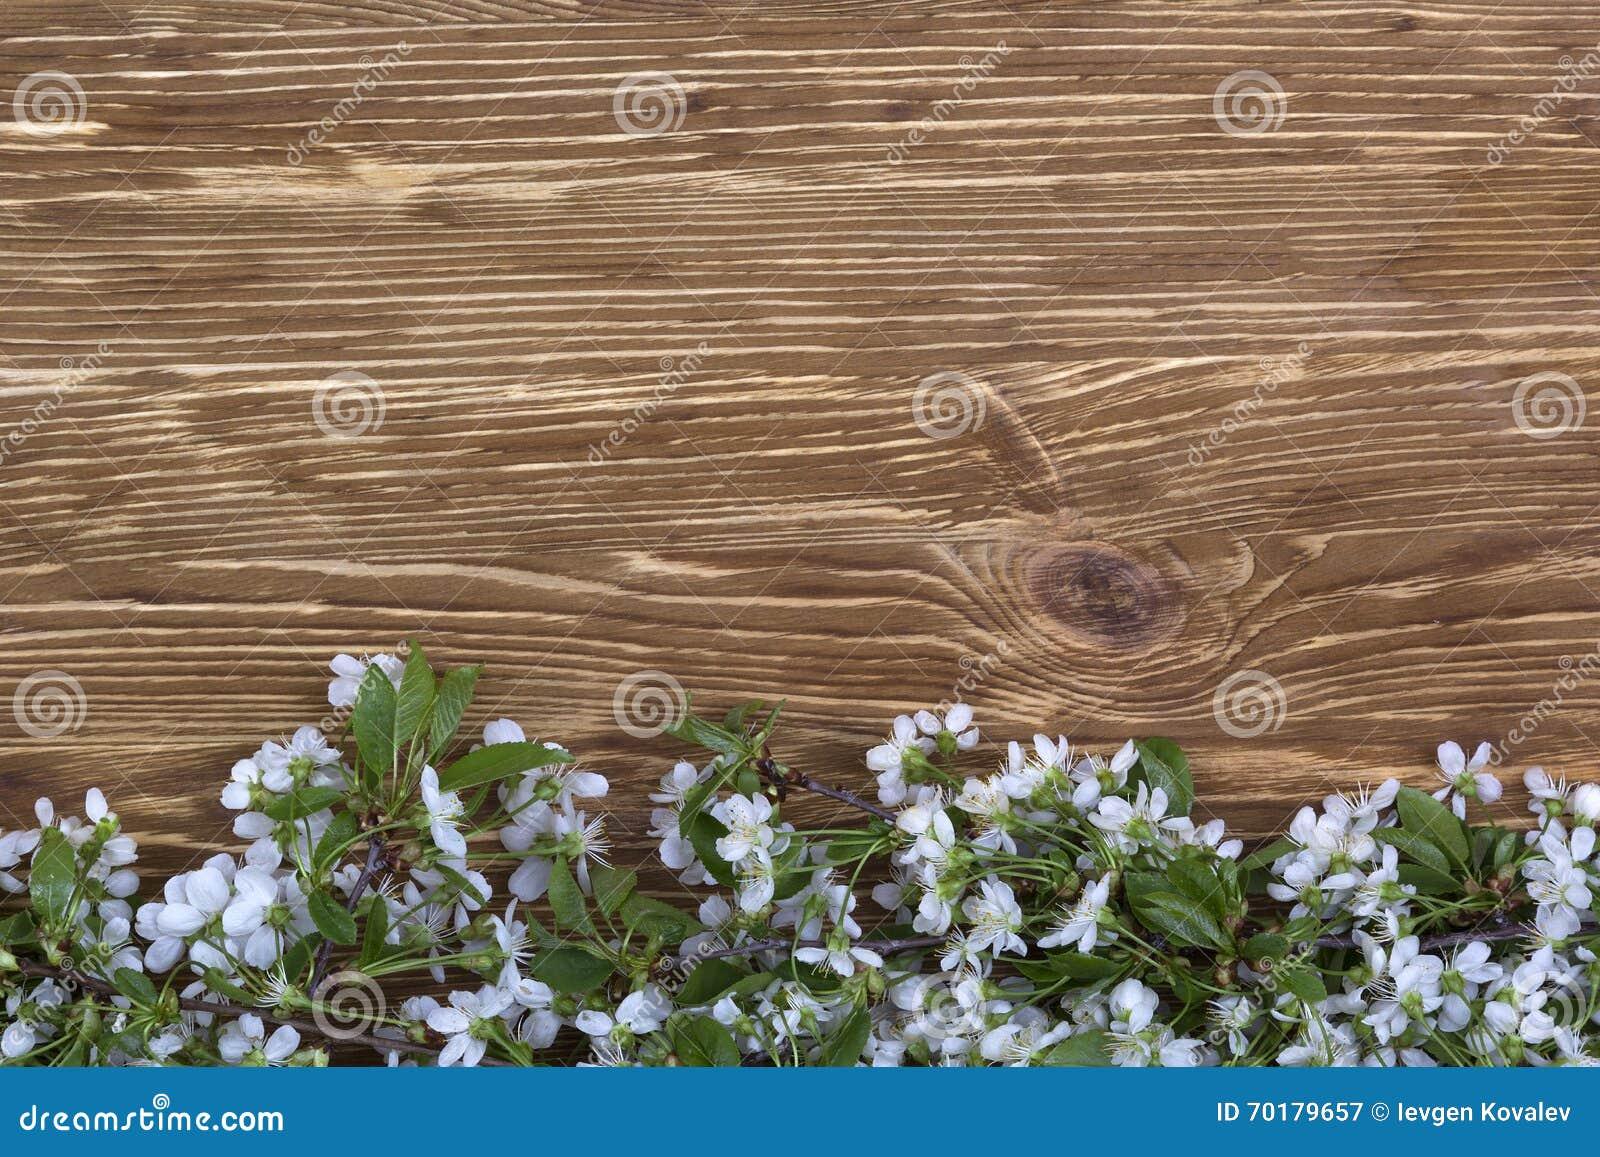 Blomma filialen av körsbäret på träbrädet